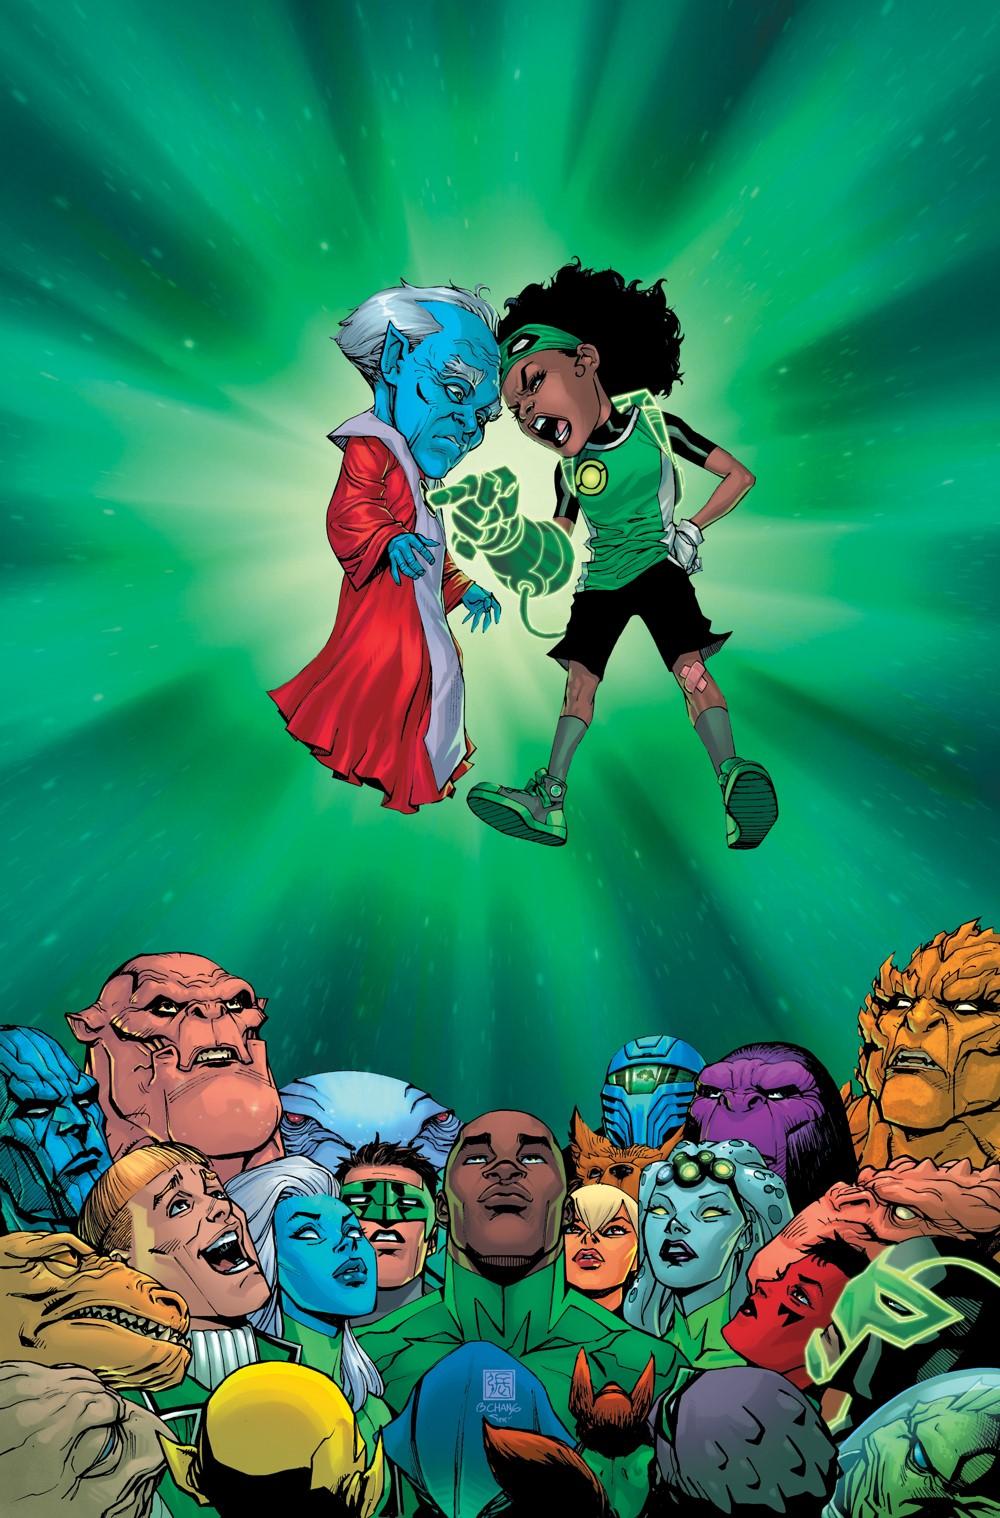 GREEN-LANTERN-Vol1-Invictus DC Comics November 2021 Solicitations